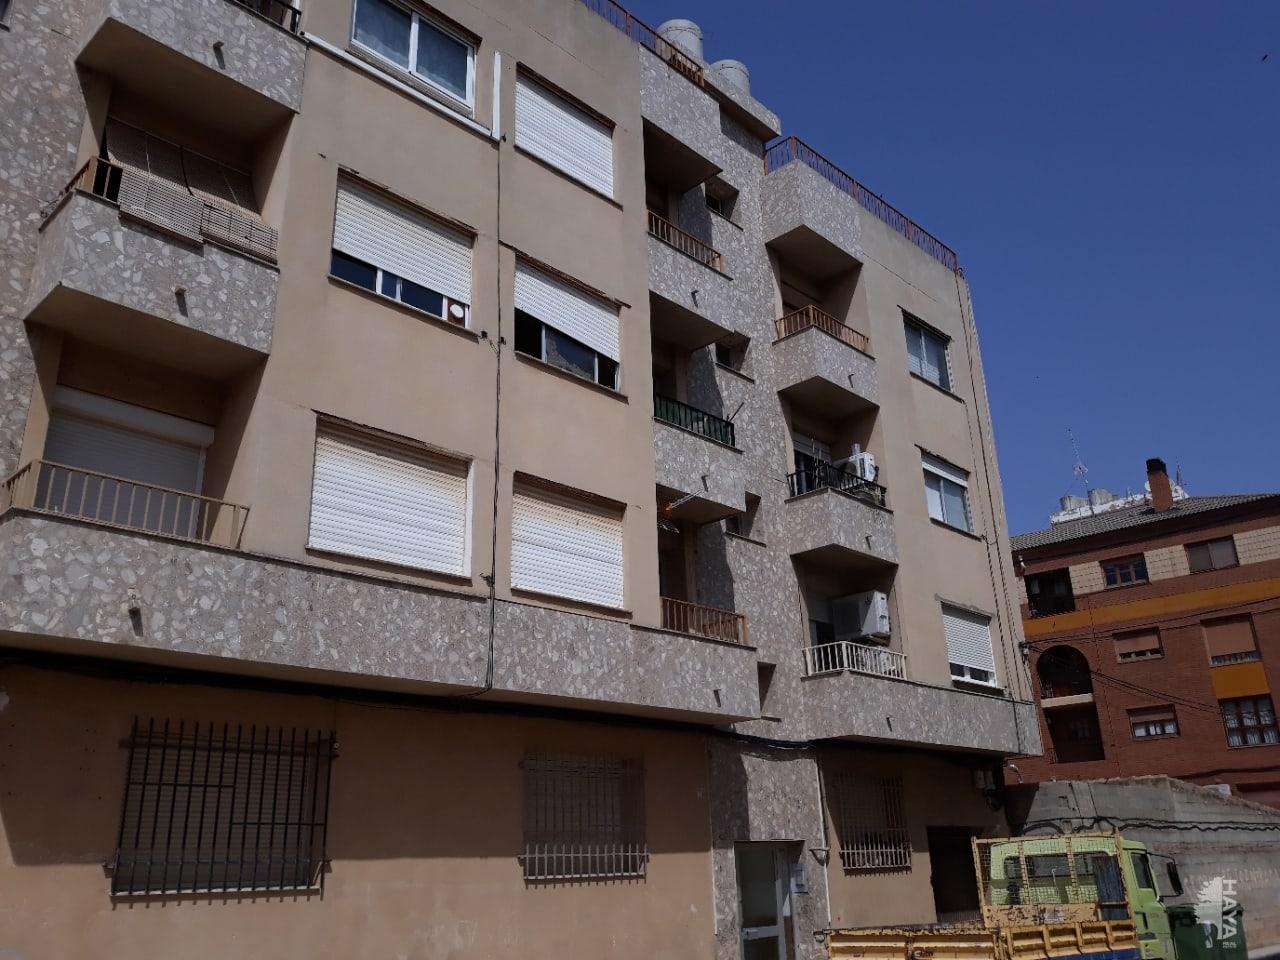 Piso en venta en Turís, Turís, Valencia, Calle Maestro Valentin Puig, 79.170 €, 3 habitaciones, 1 baño, 110 m2